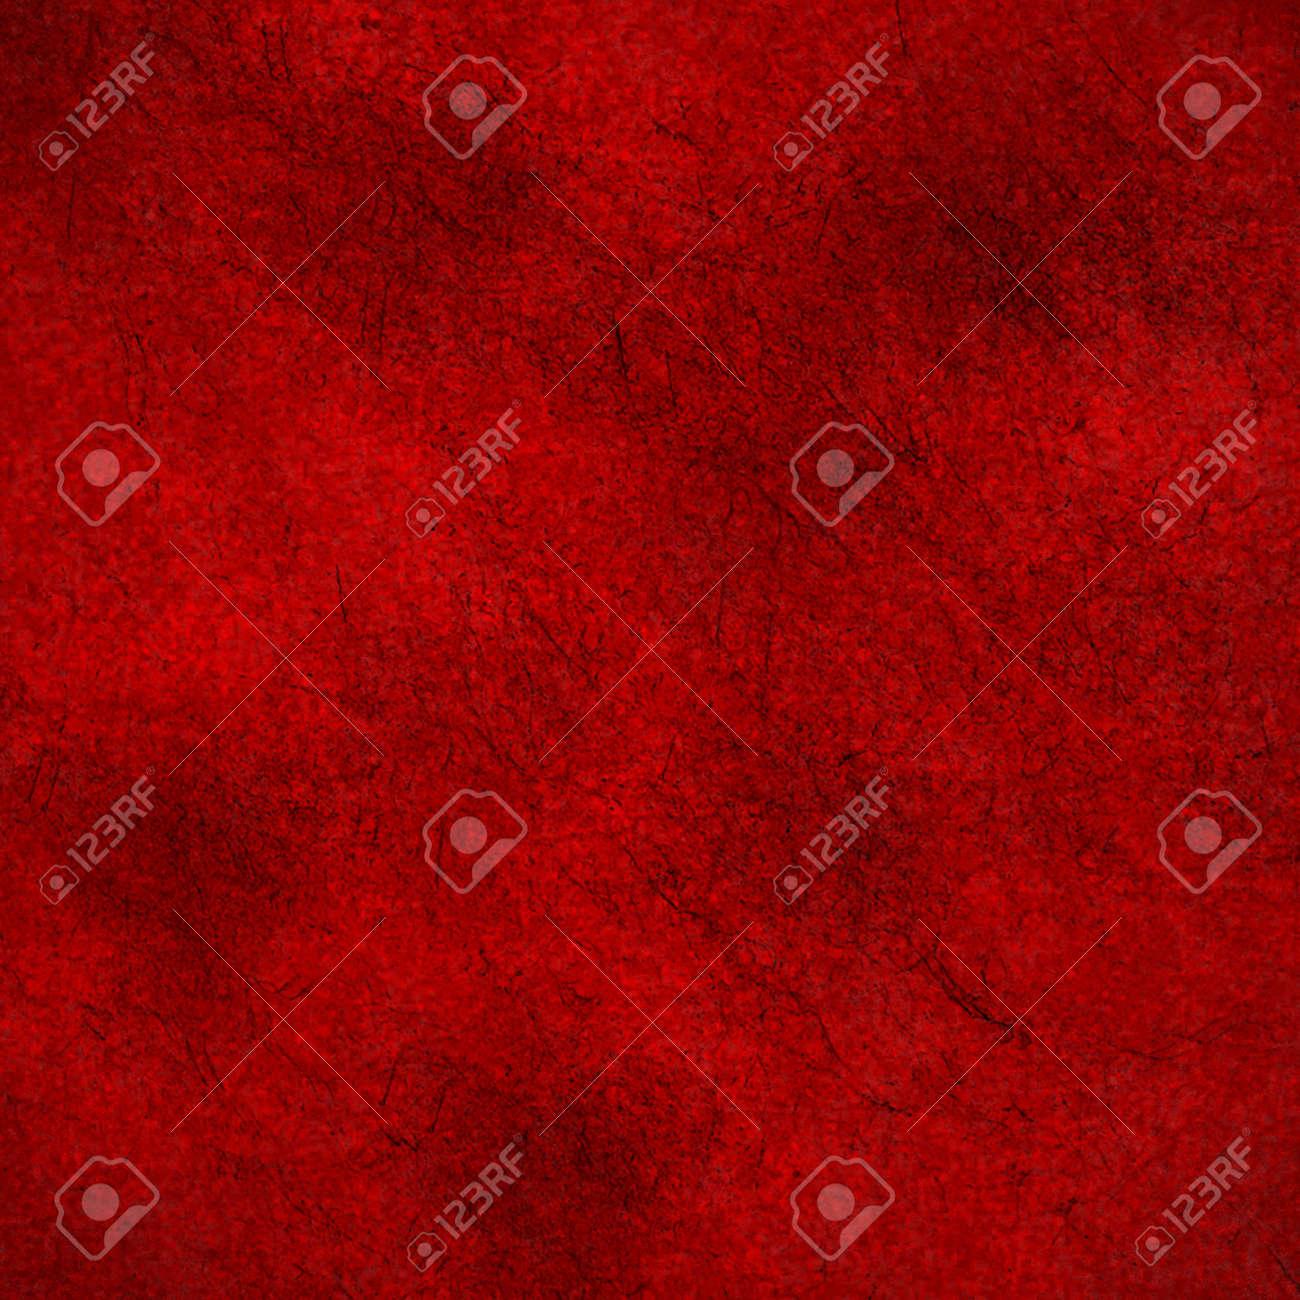 Immagini Stock Trama Di Sfondo Rosso Astratto Image 78364507